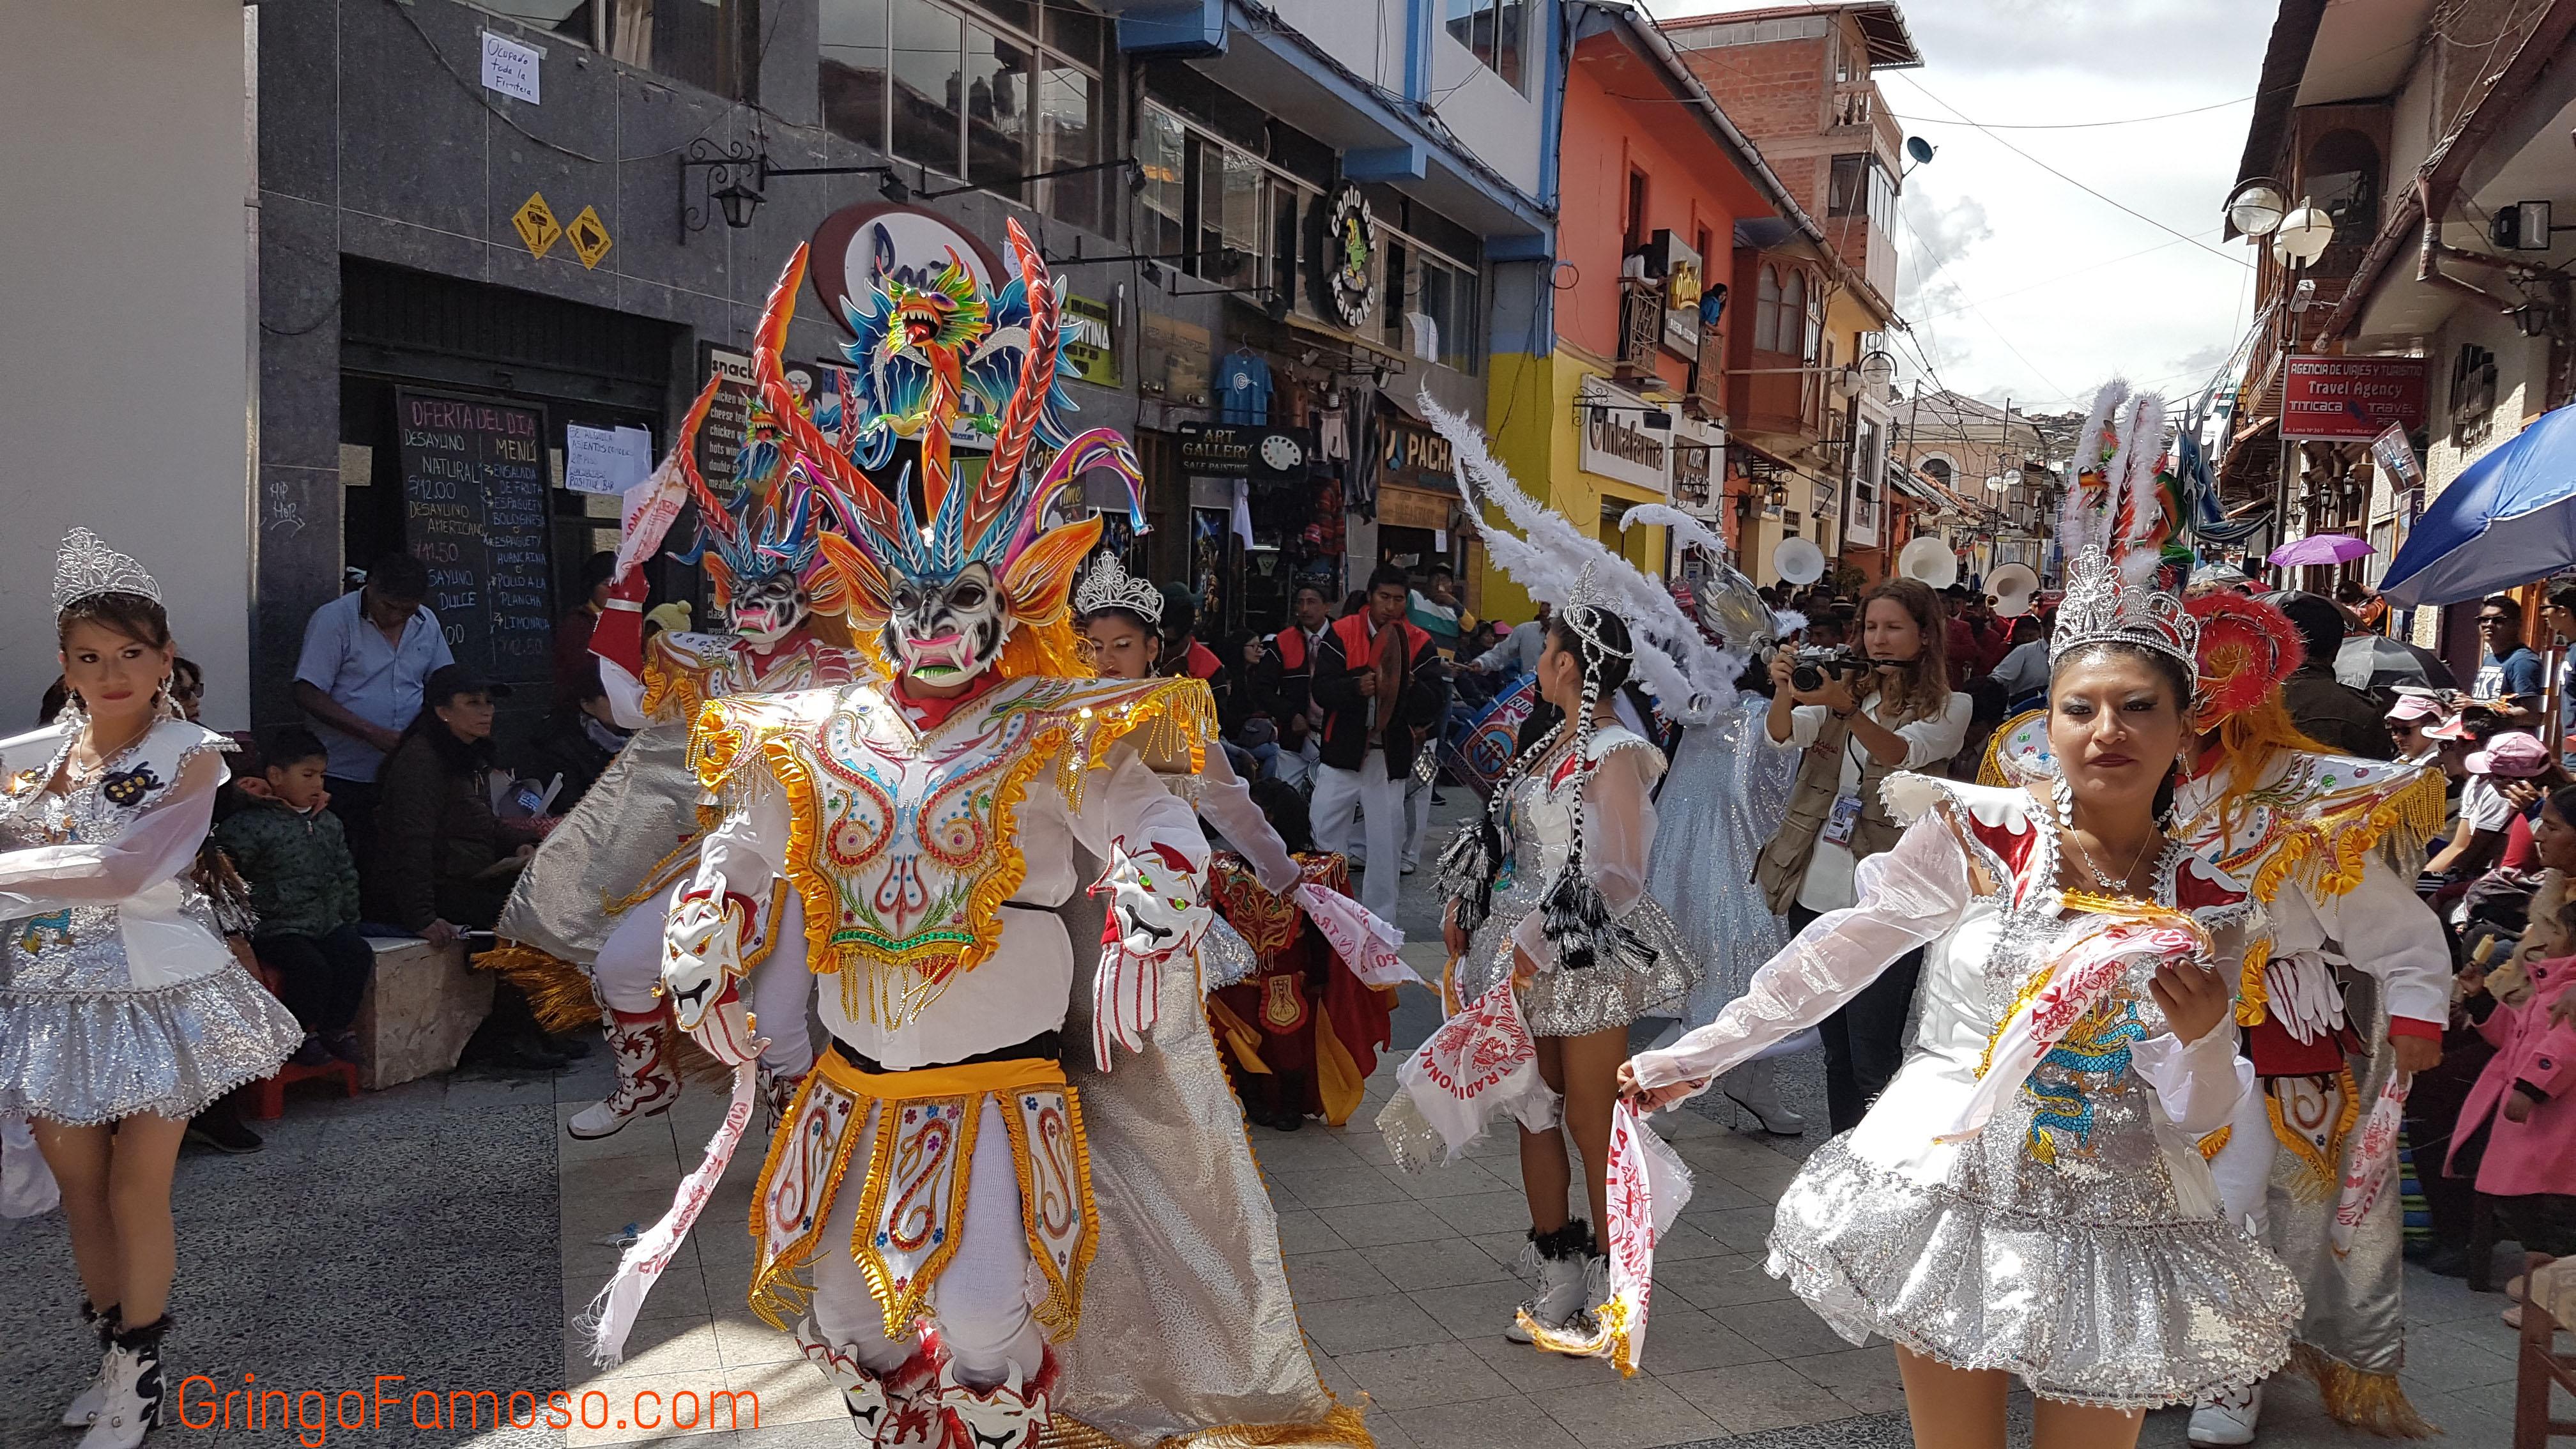 La Festividad de la Virgen de la Candelaria de Puno.